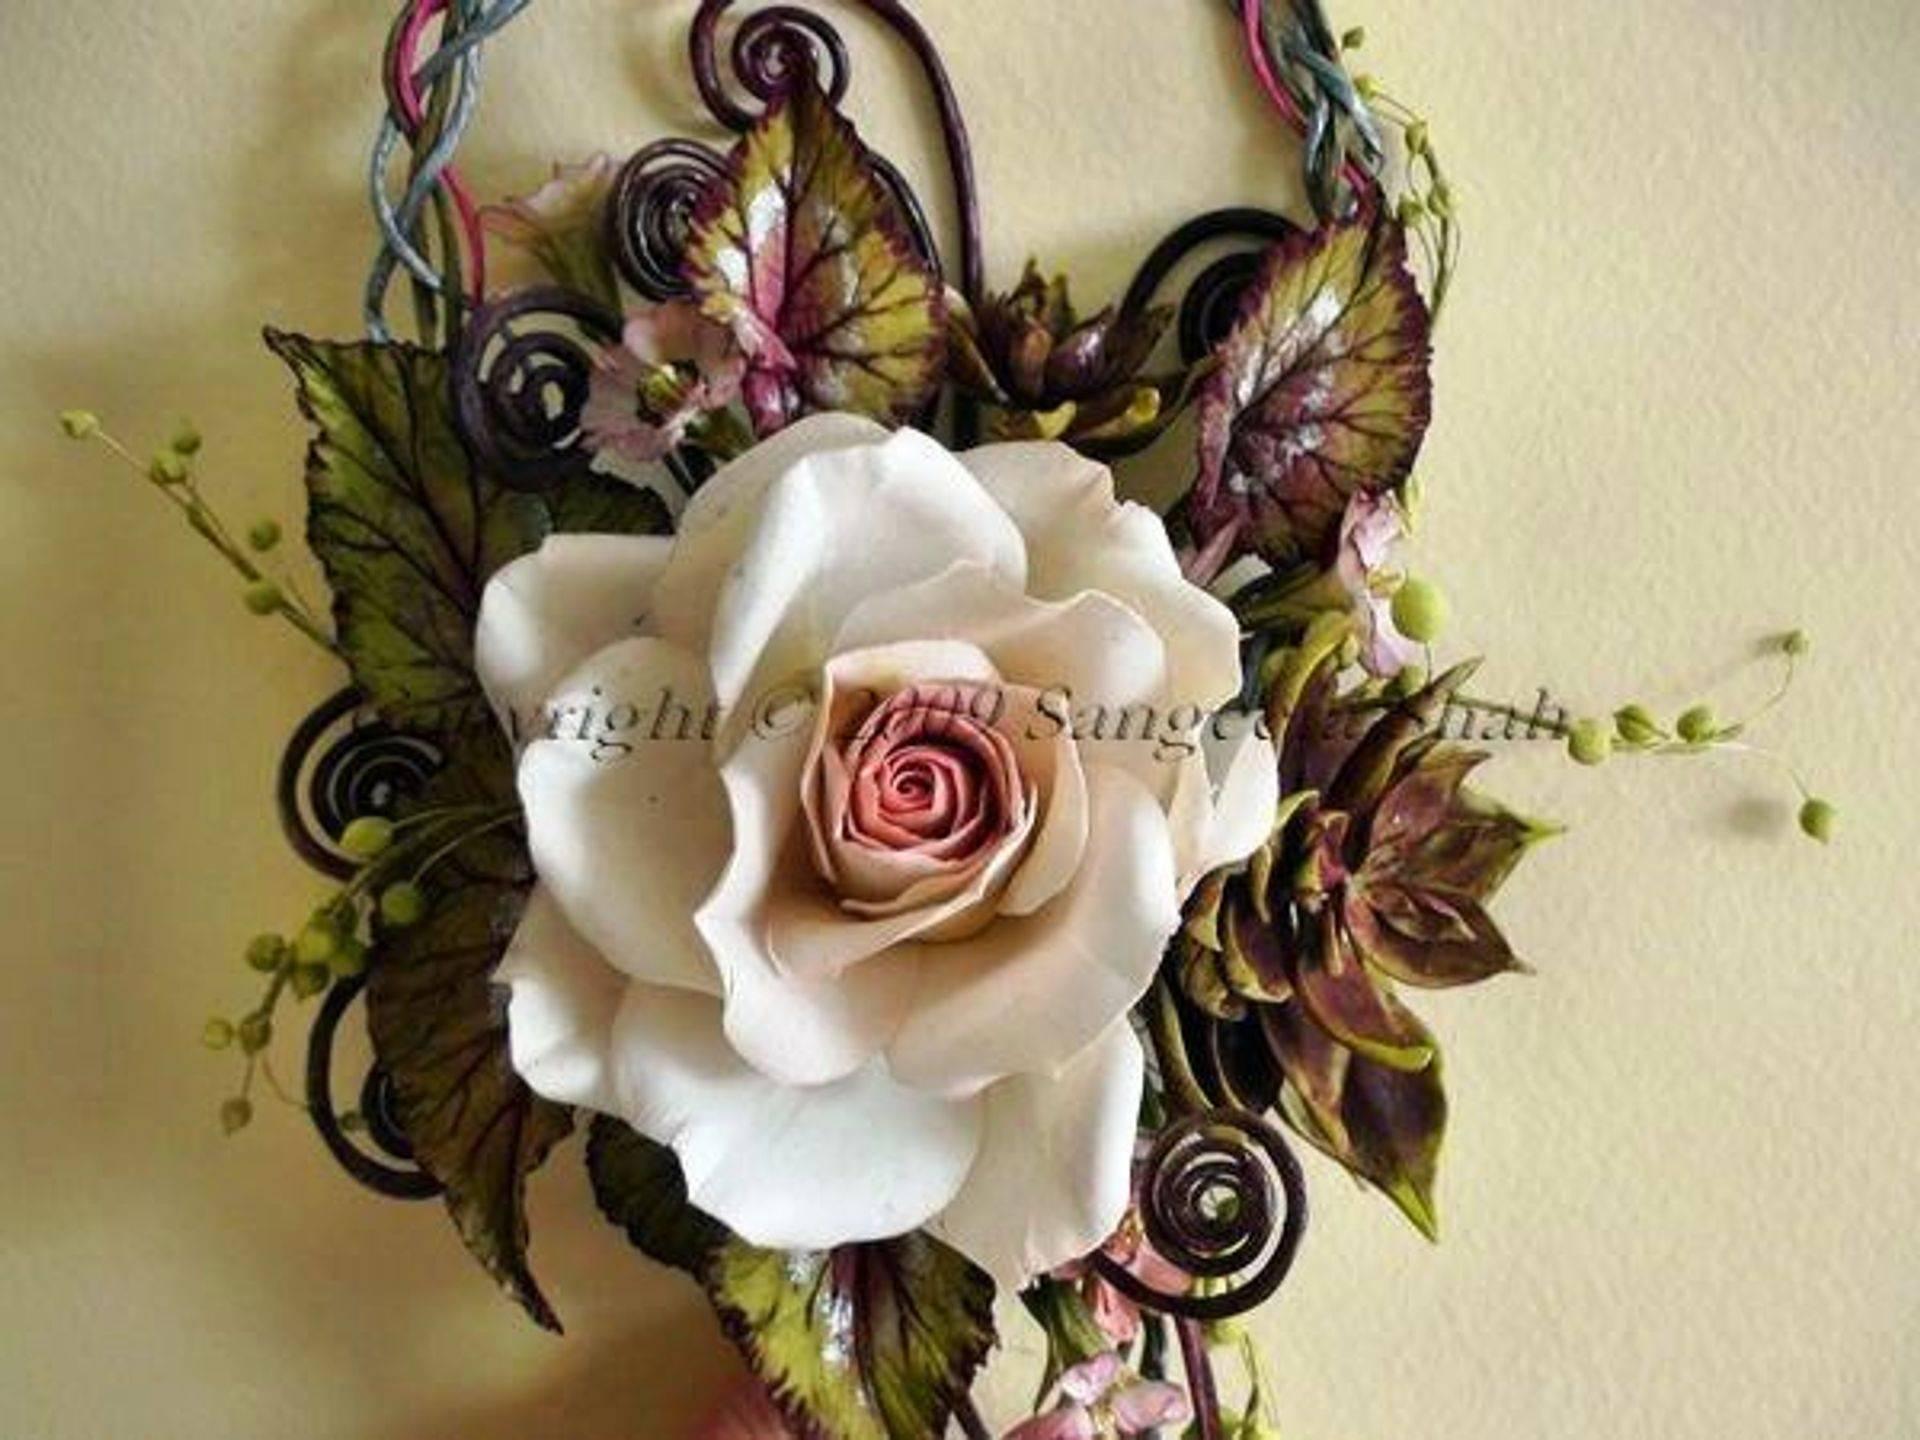 cold porcelain flower bouquet